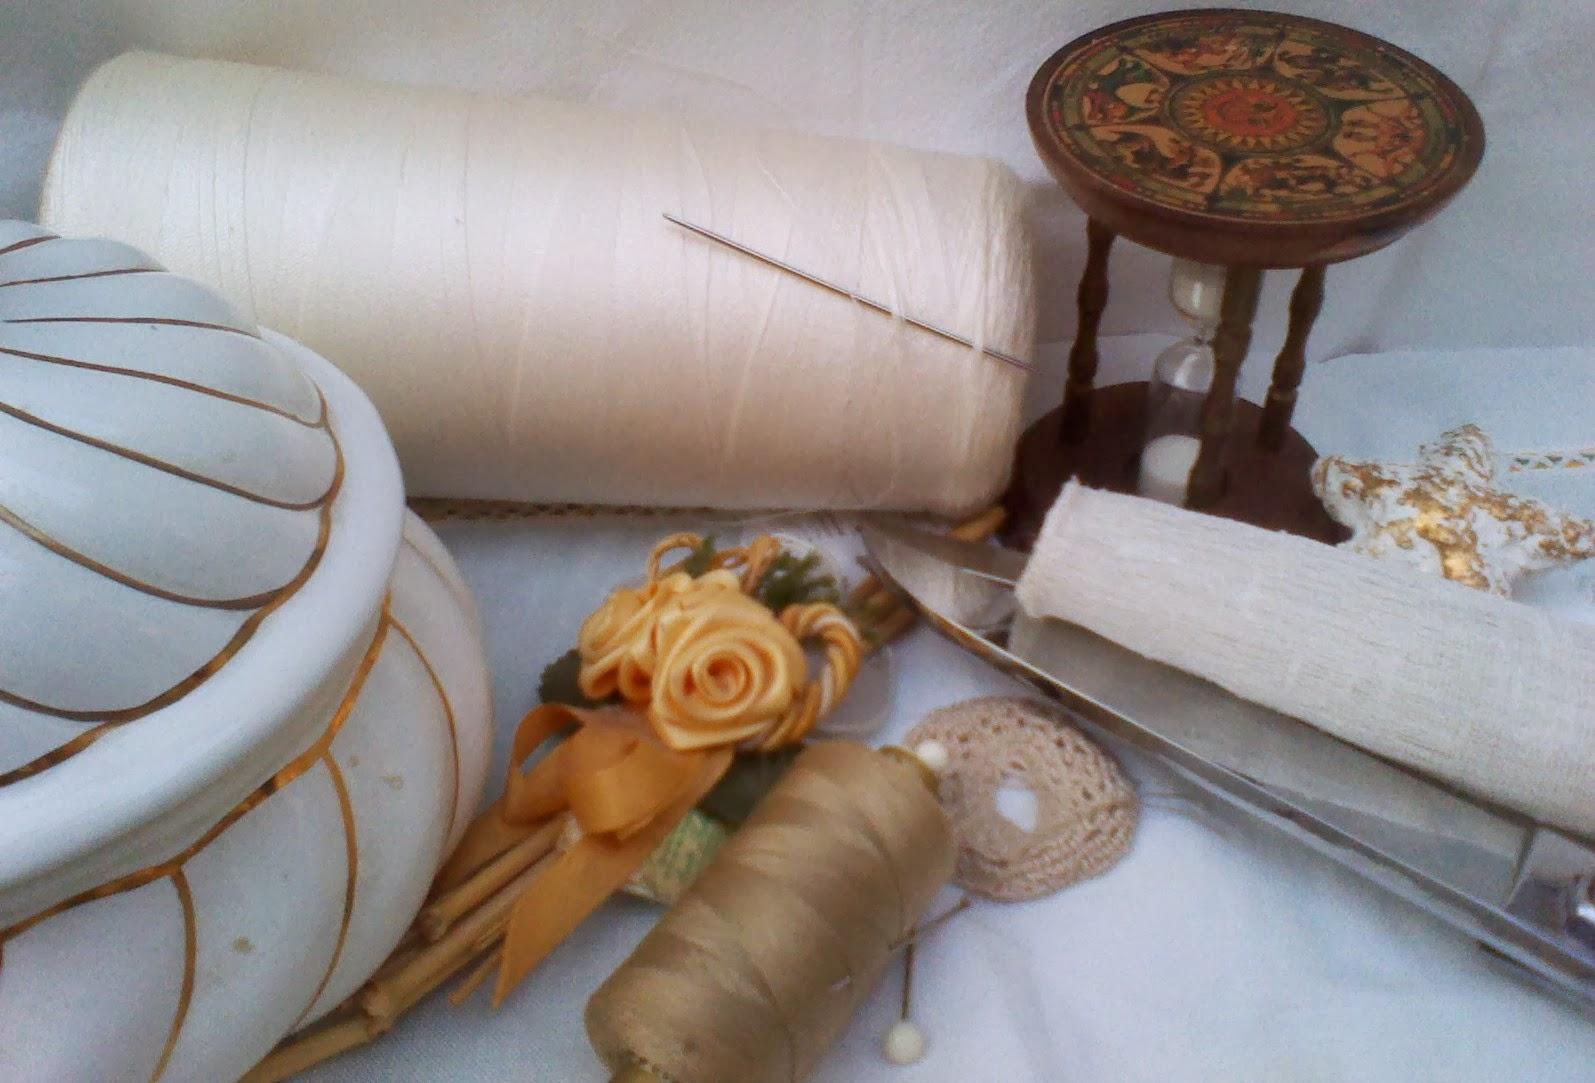 Divano Pallet Vendita : Gommapiuma per cuscini e tappezzeria divano con bancali di legno